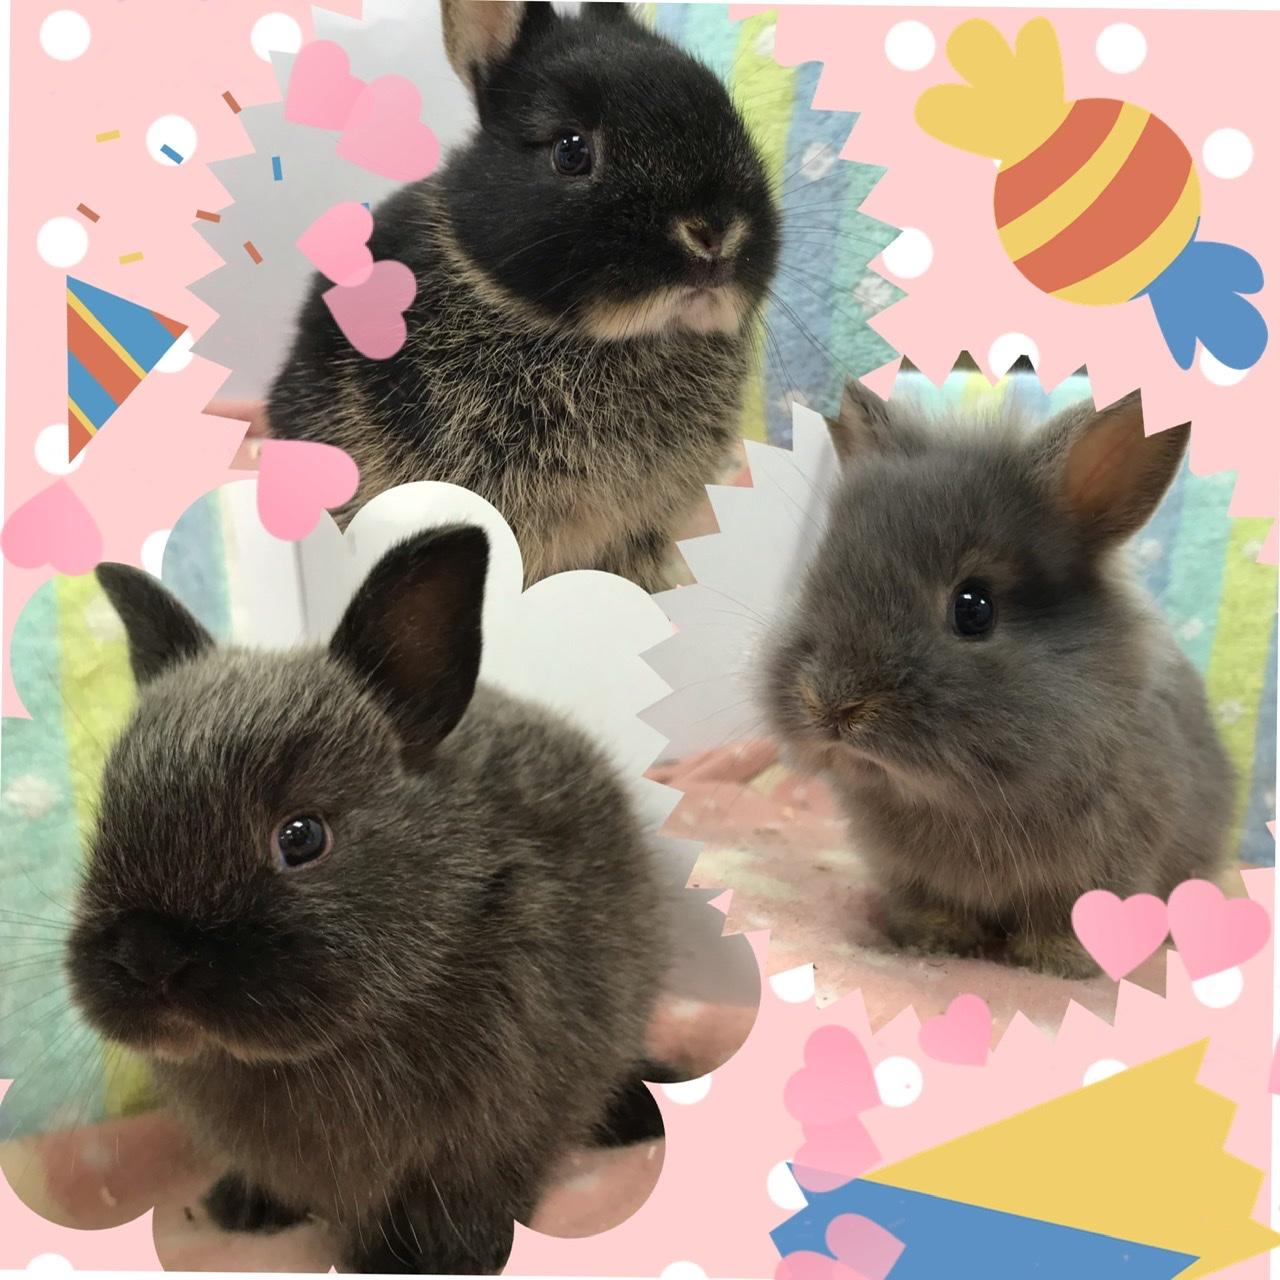 【インター小動物】激かわ!!ウサギ新着てんこ盛り盛り盛りMAX!!!